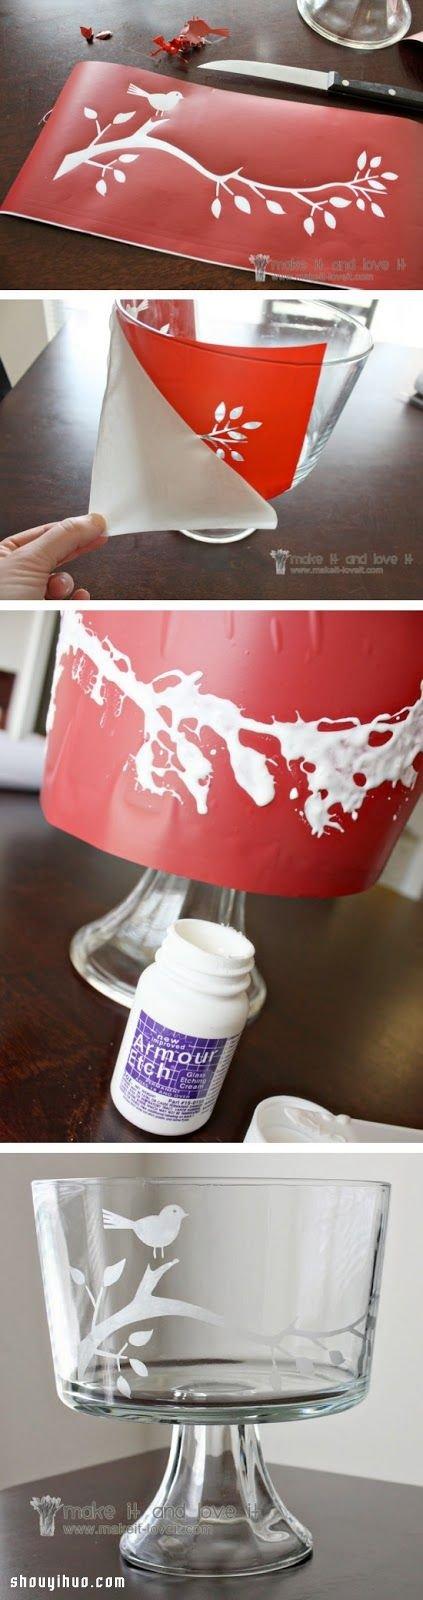 簡單小創意手工DIY漂亮圖案玻璃杯圖解教程